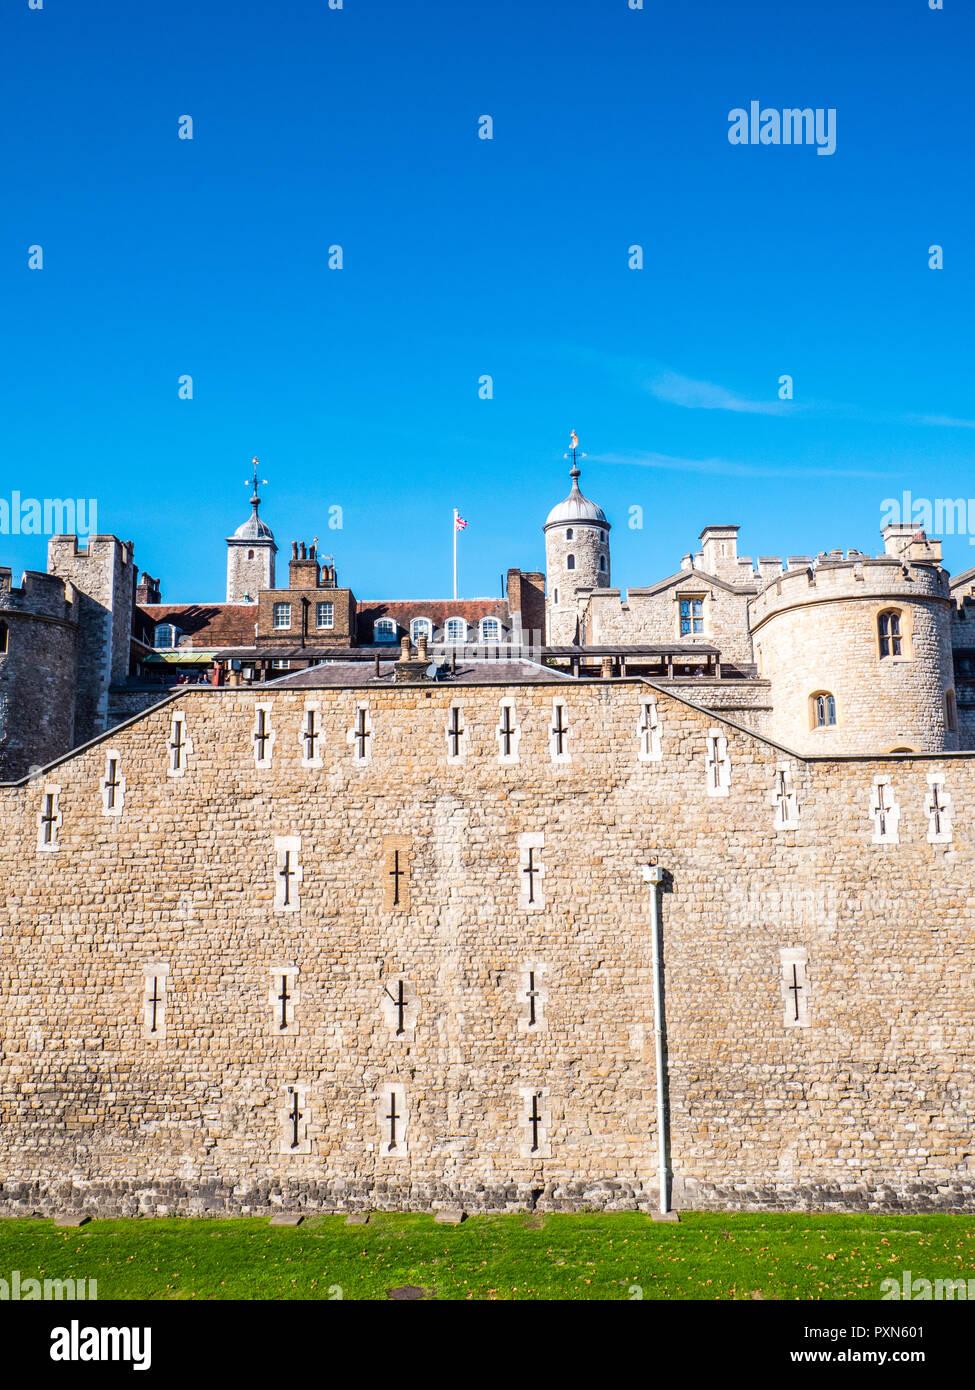 Außenwand der Tower von London mit, Schießscharten, London, England, UK, GB. Stockfoto